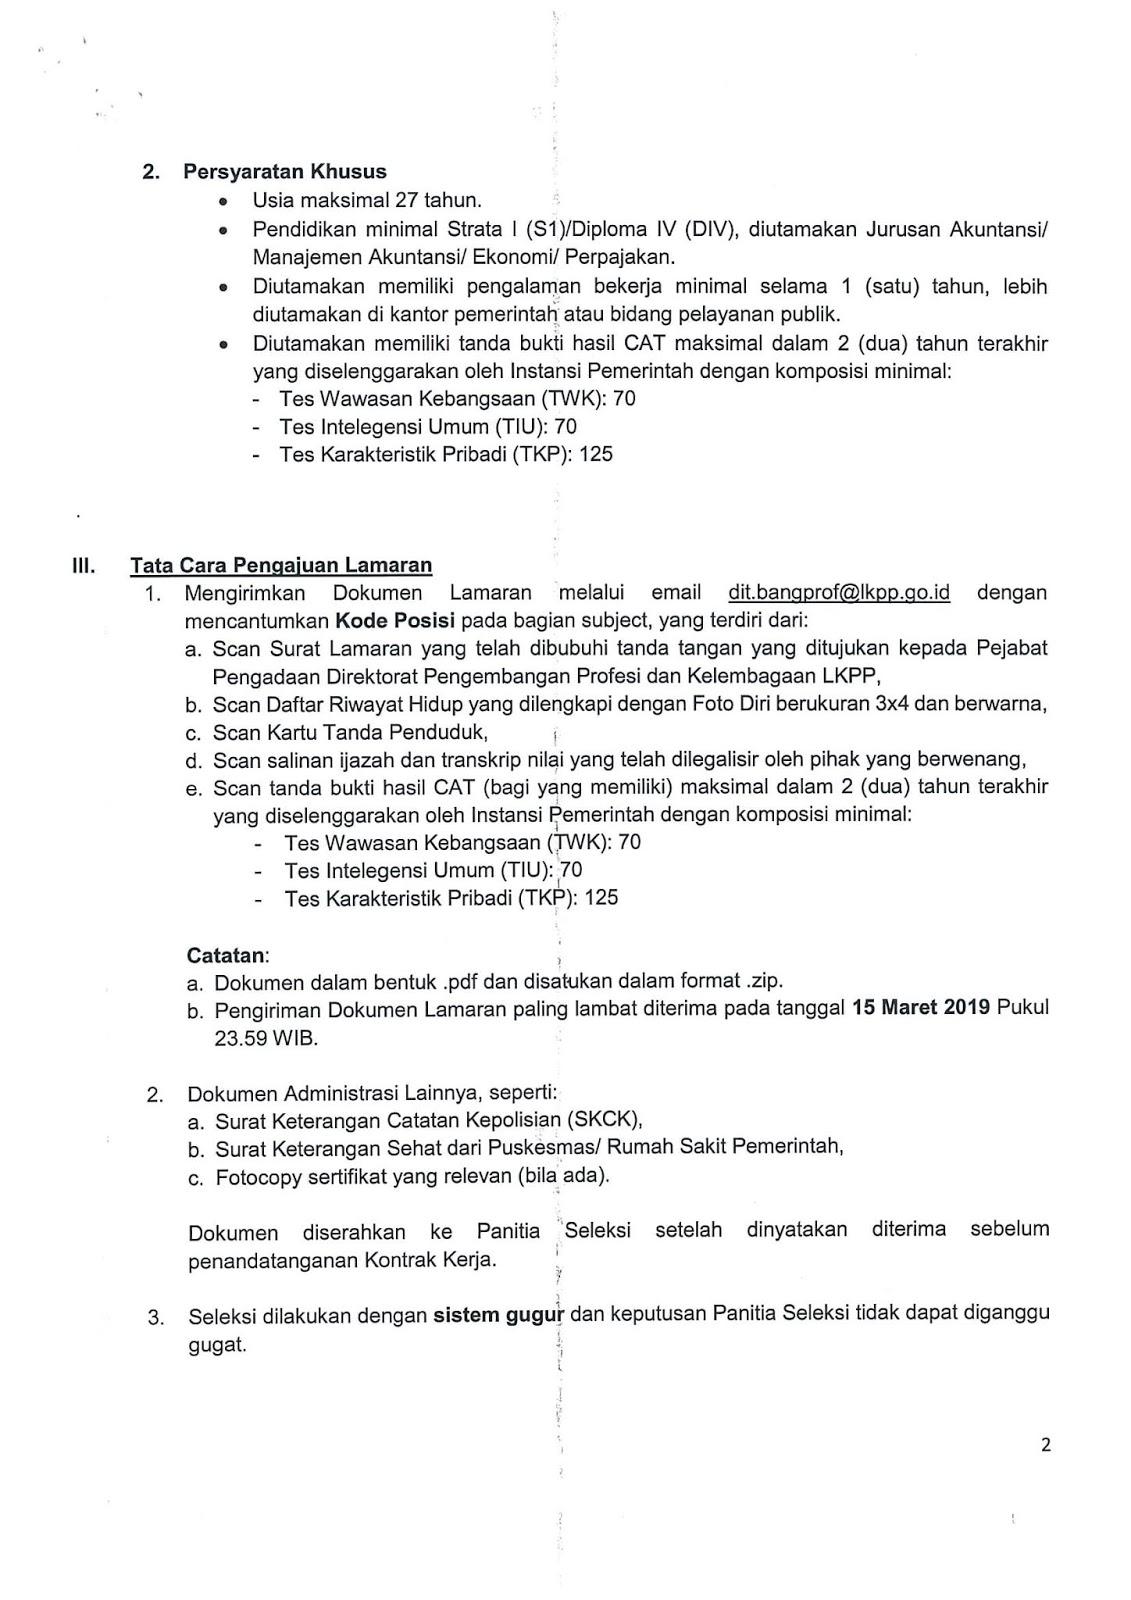 Lowongan Kerja Direktorat Pengembangan Profesi dan Kelembagaan LKPP Maret 2019